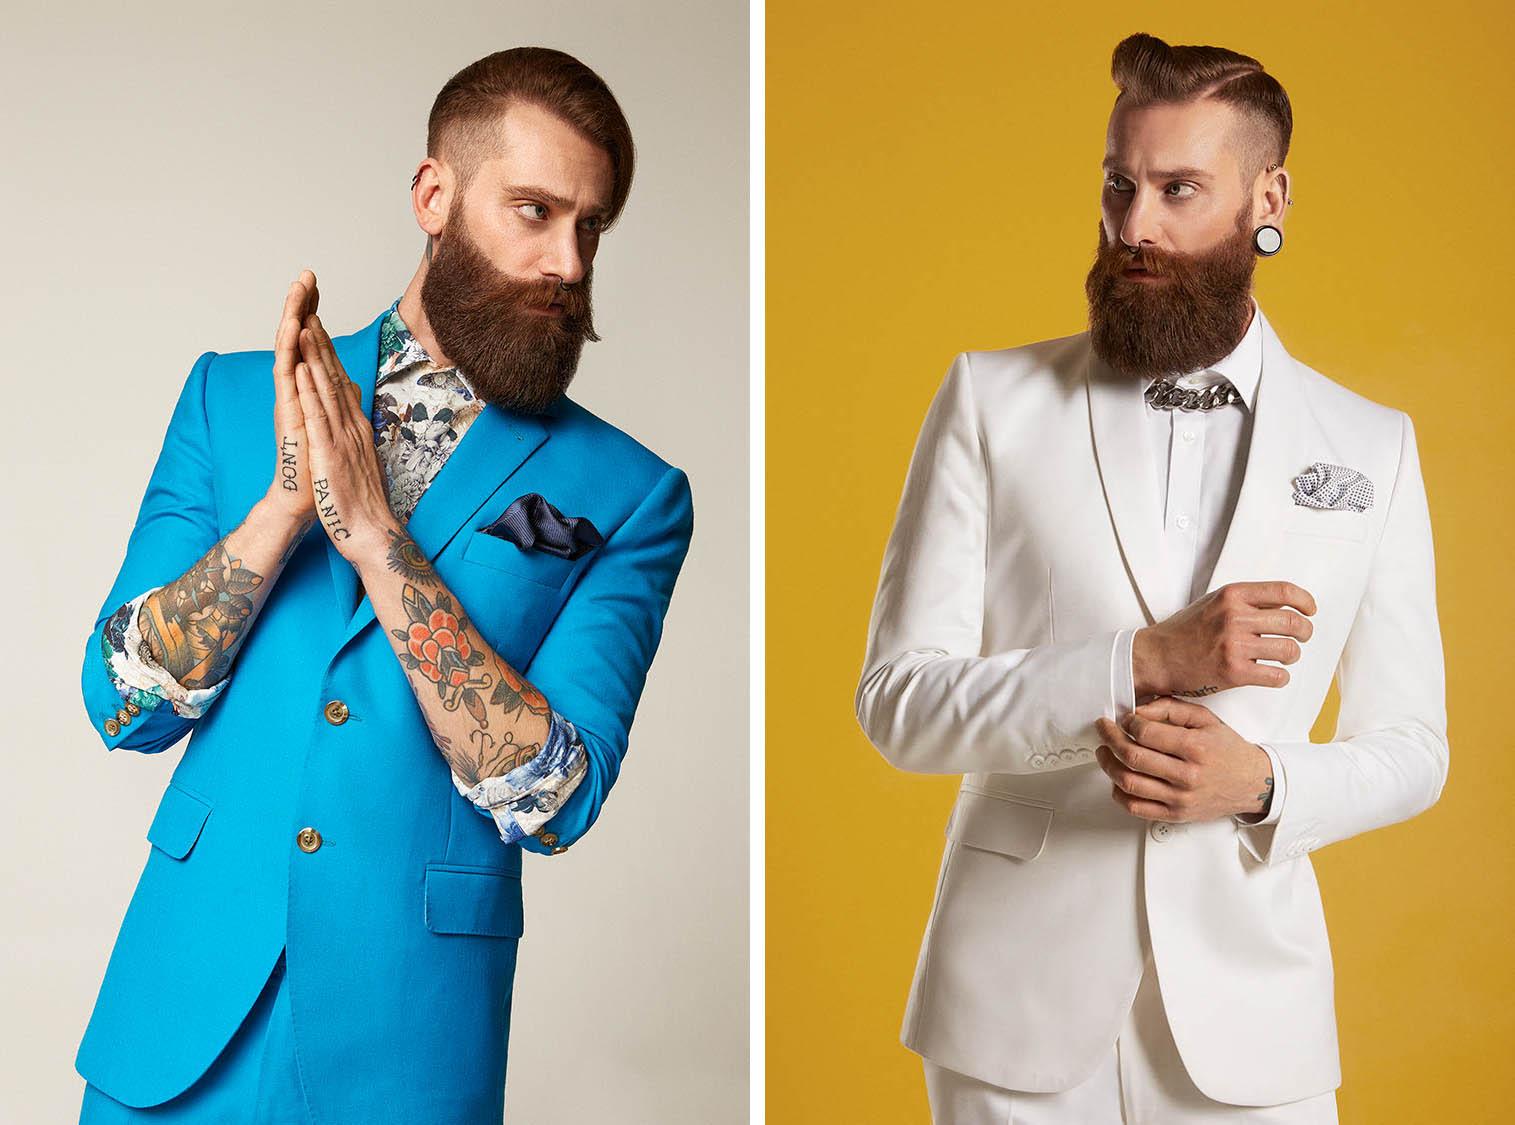 Mike_Abmaier_Fashion_003.jpg